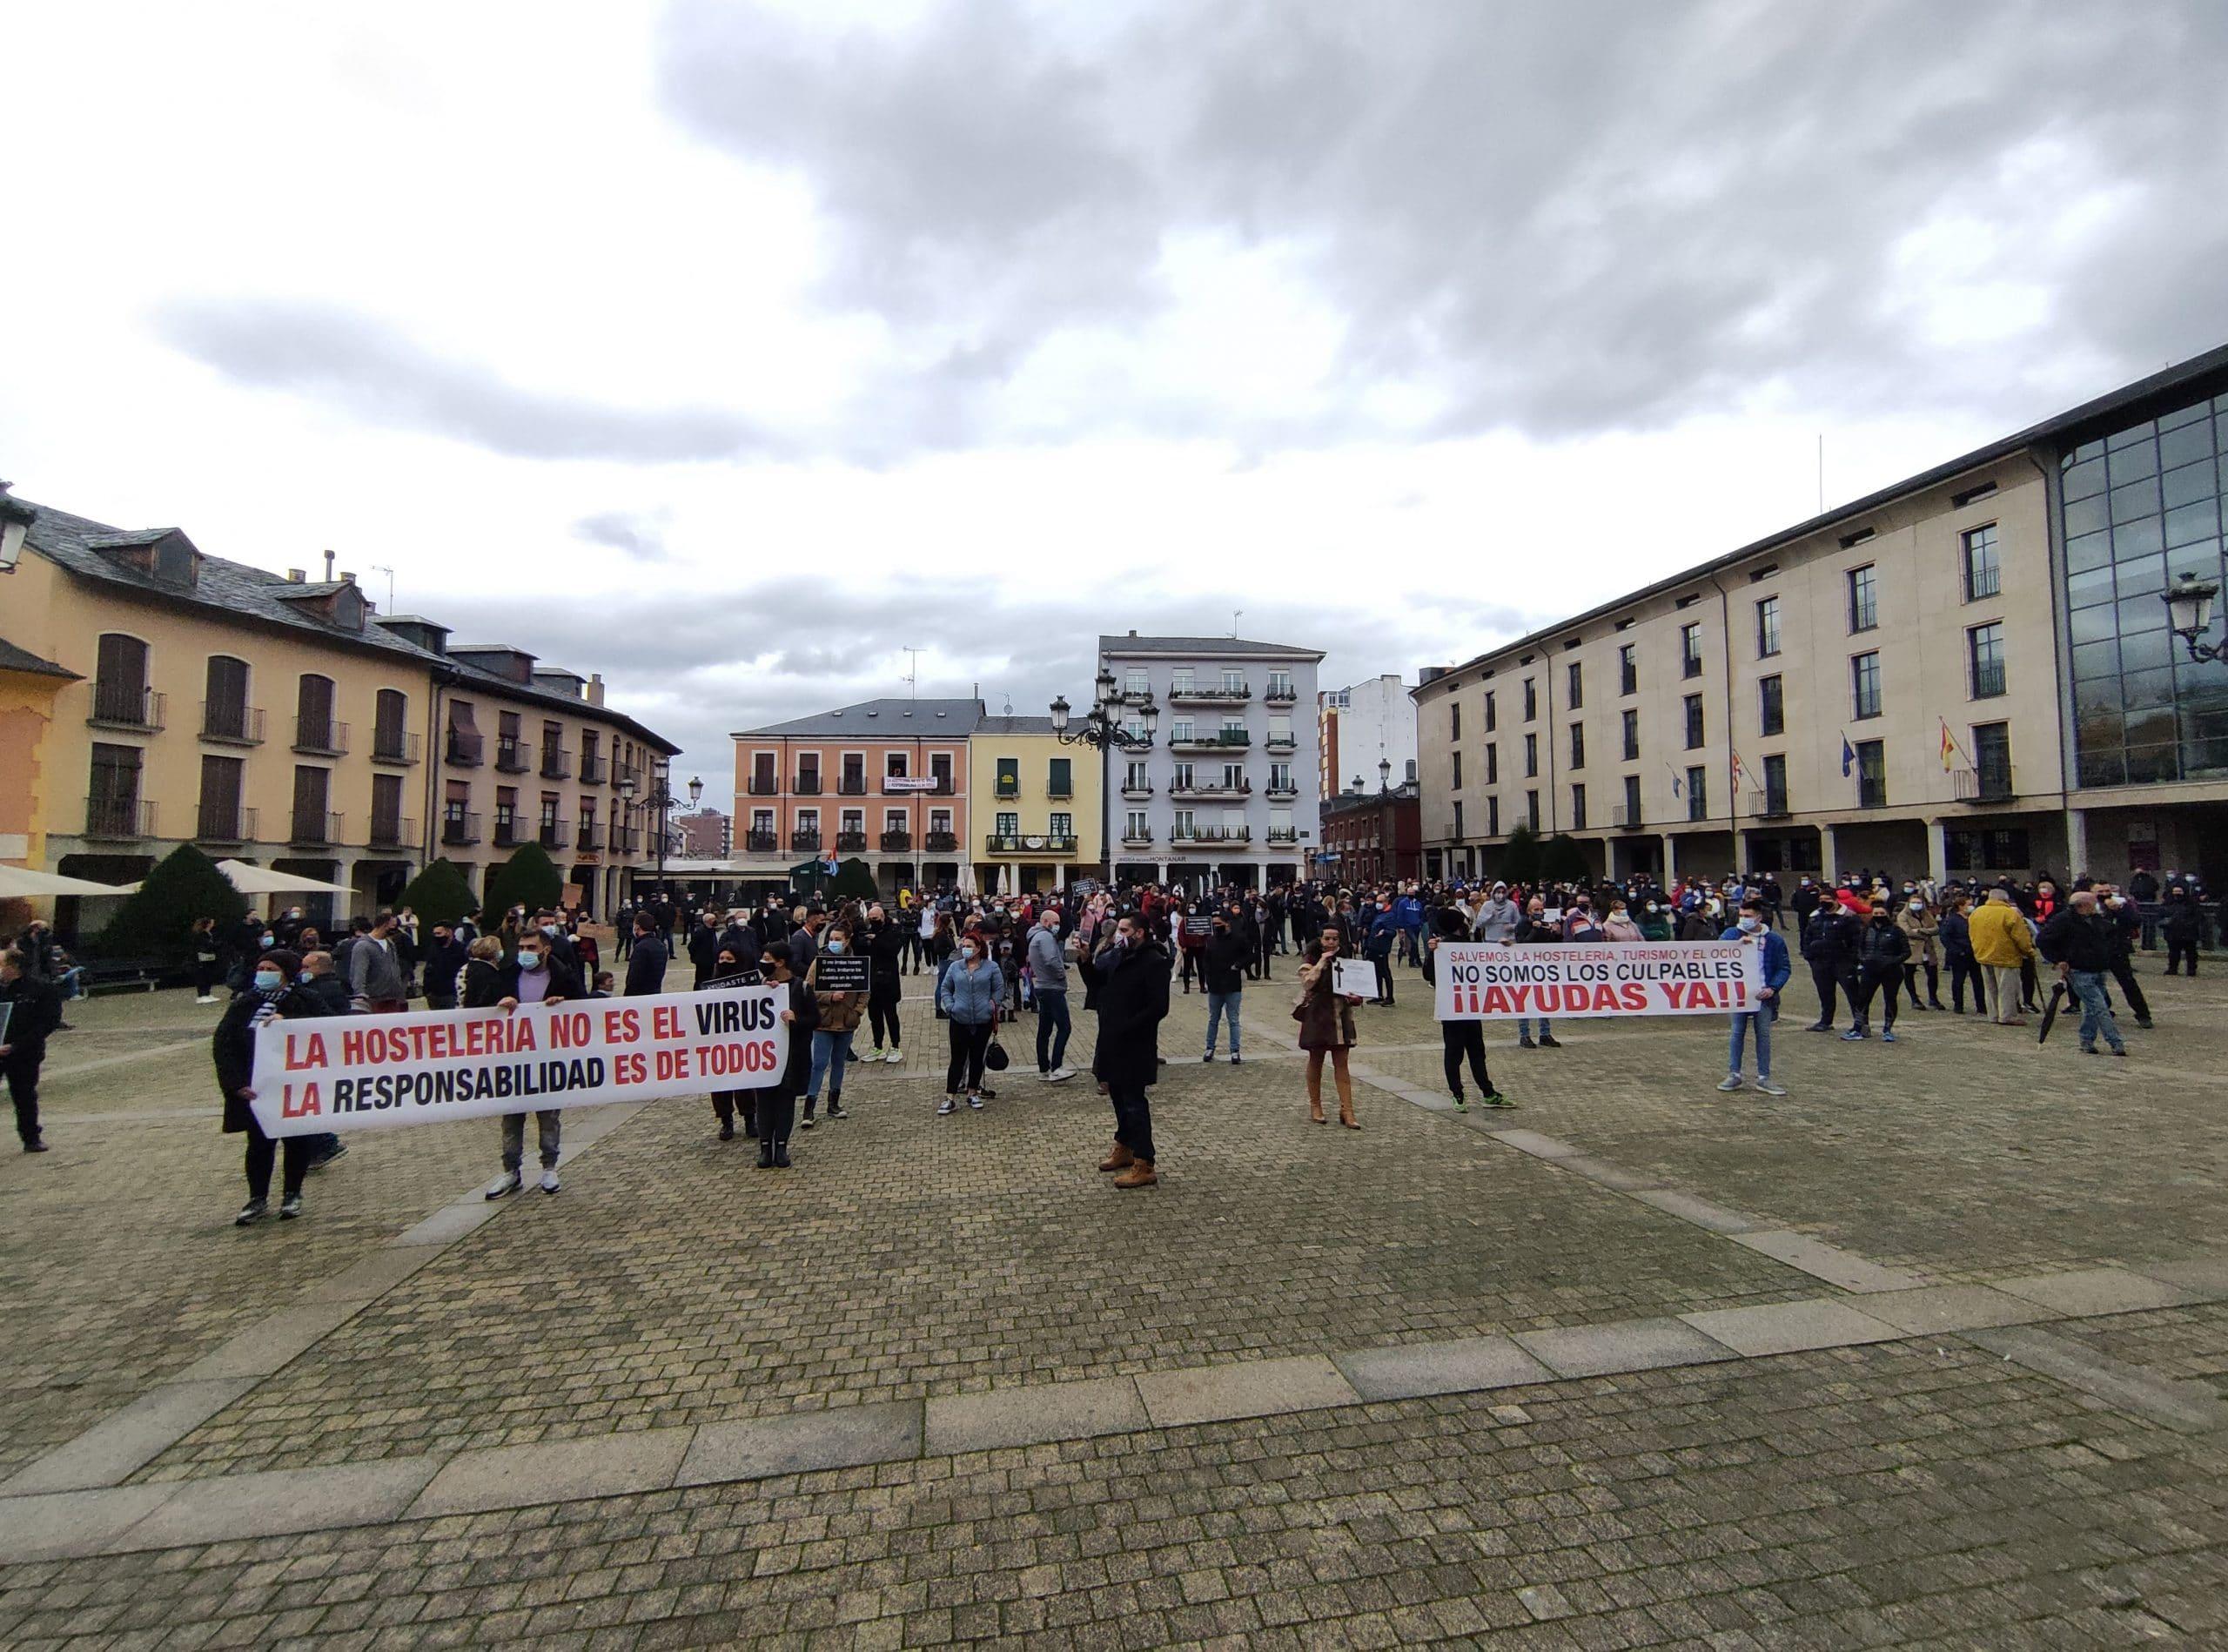 Una convocatoria ciudadana concentra a varios centenares de personas en la Plaza del Ayuntamiento de Ponferrada 4